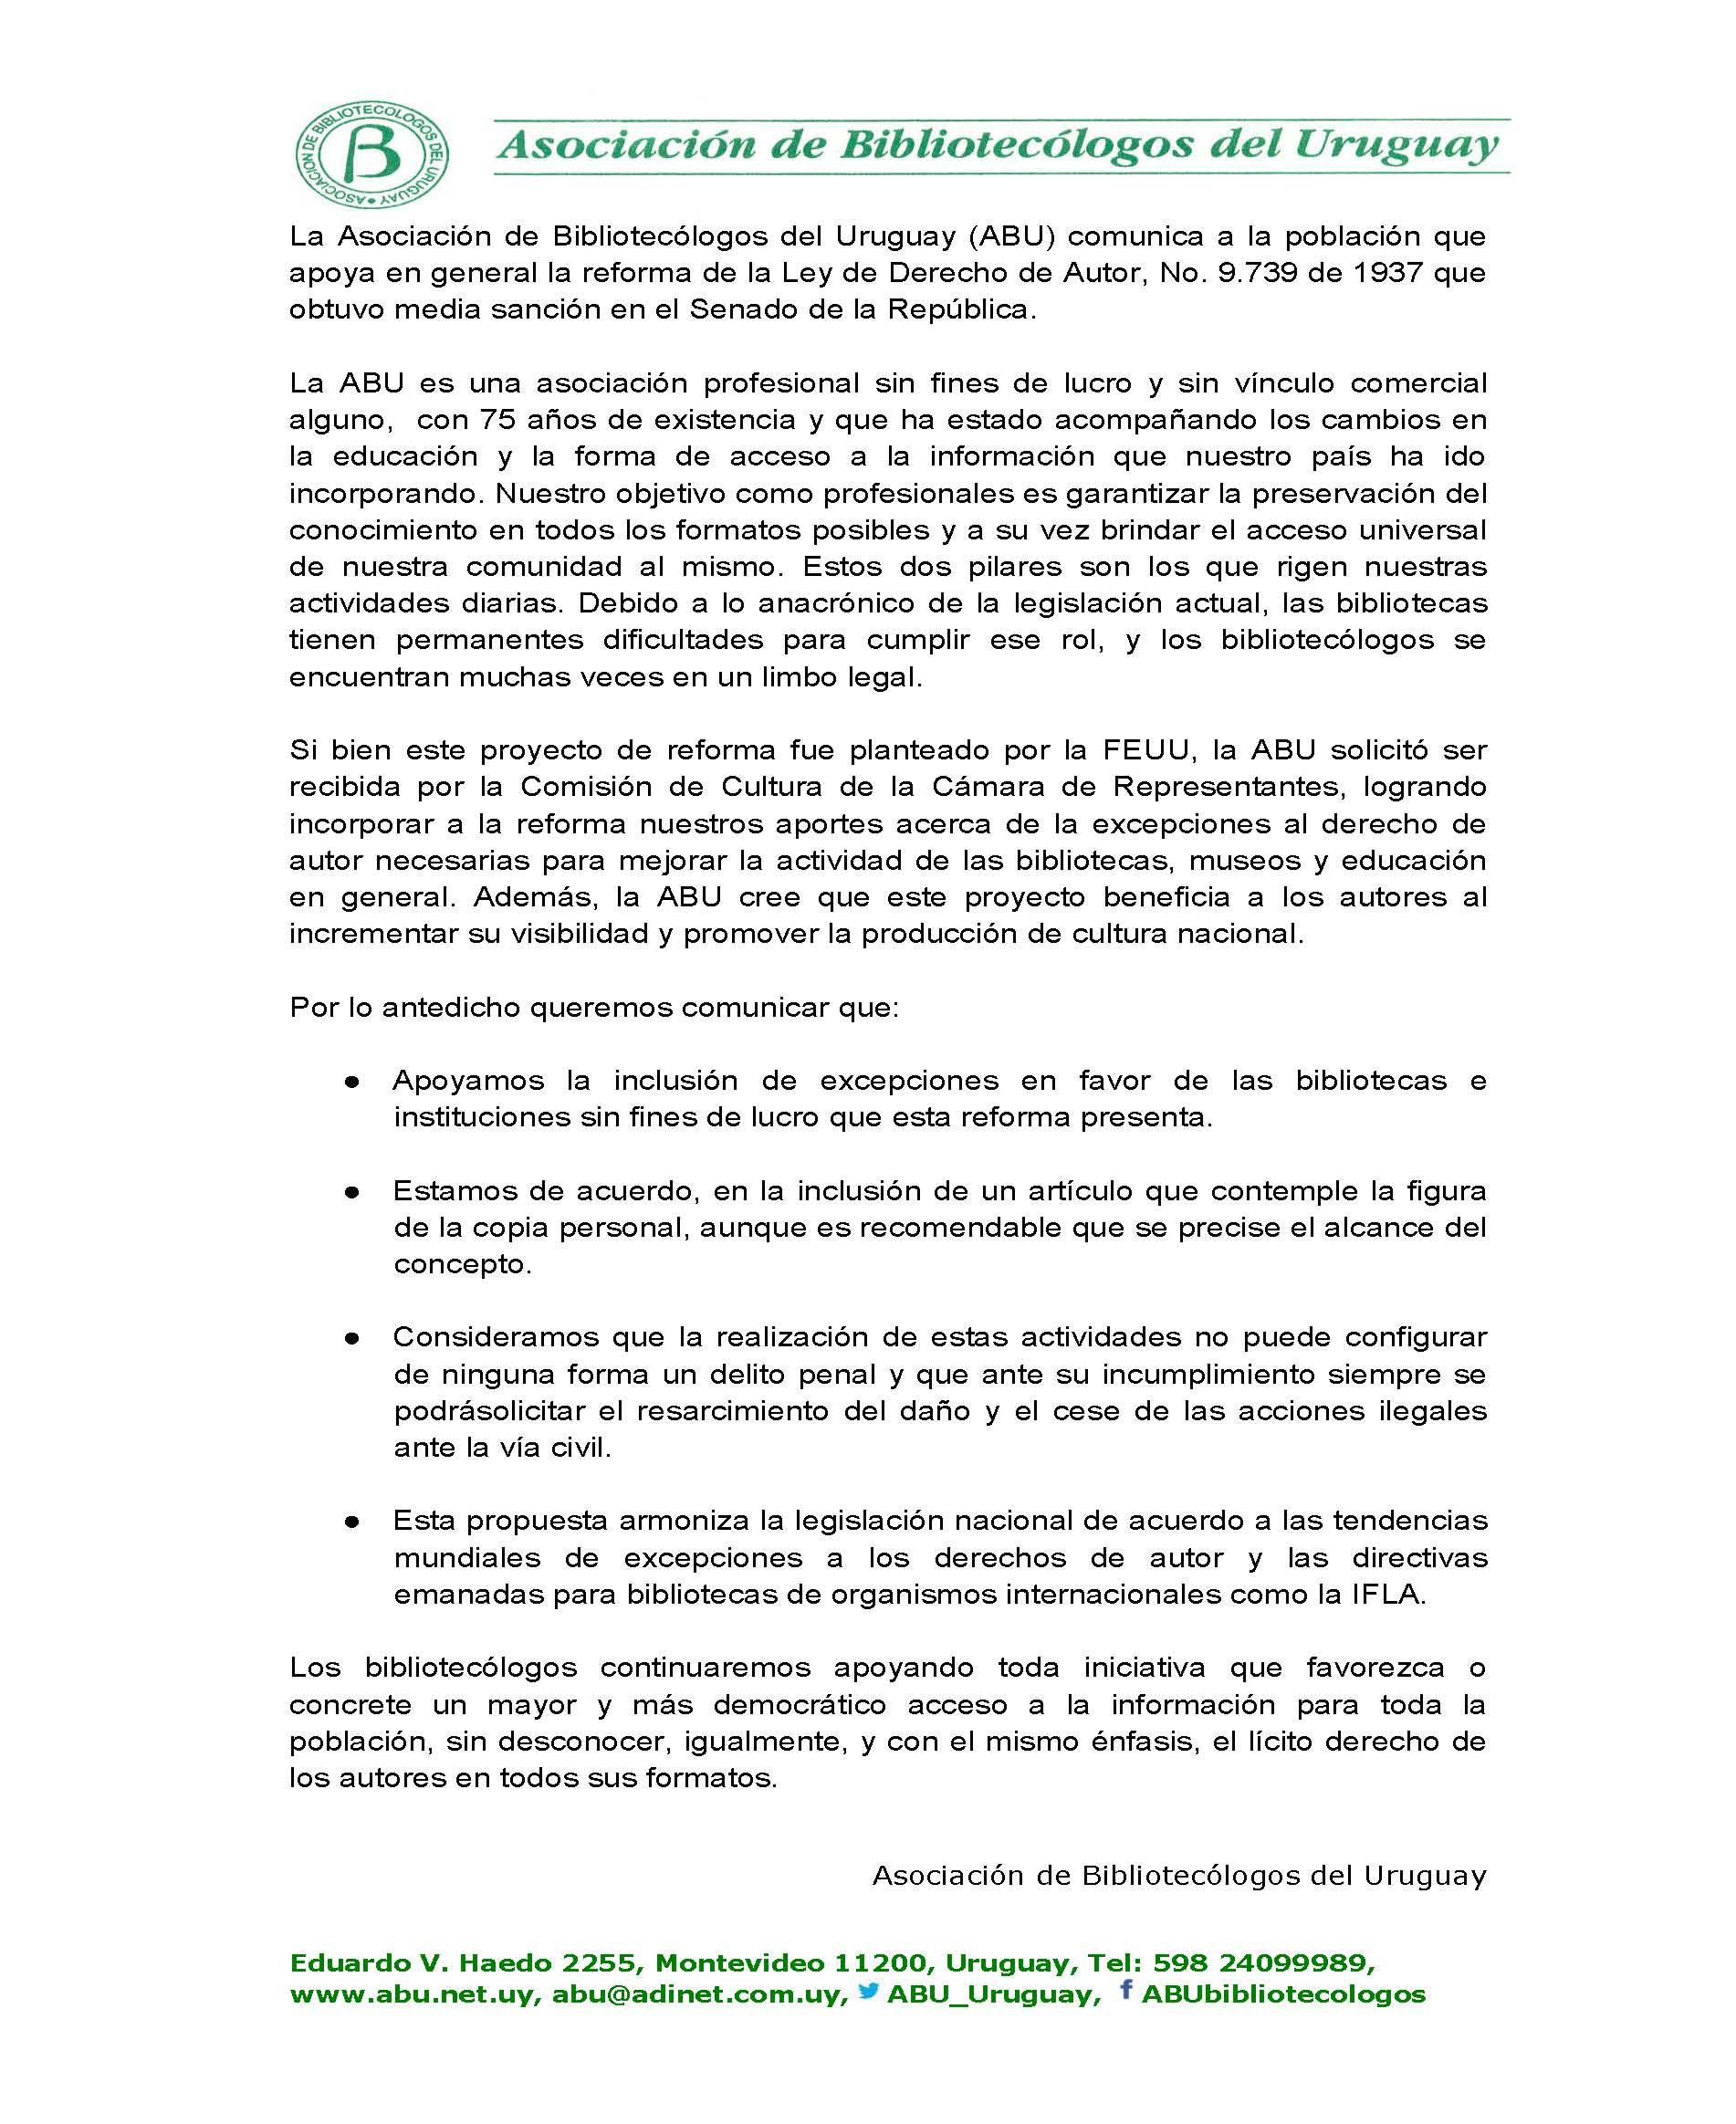 Comunicado-ABU-y-la-Ley-de-Derecho-de-Autor1-1